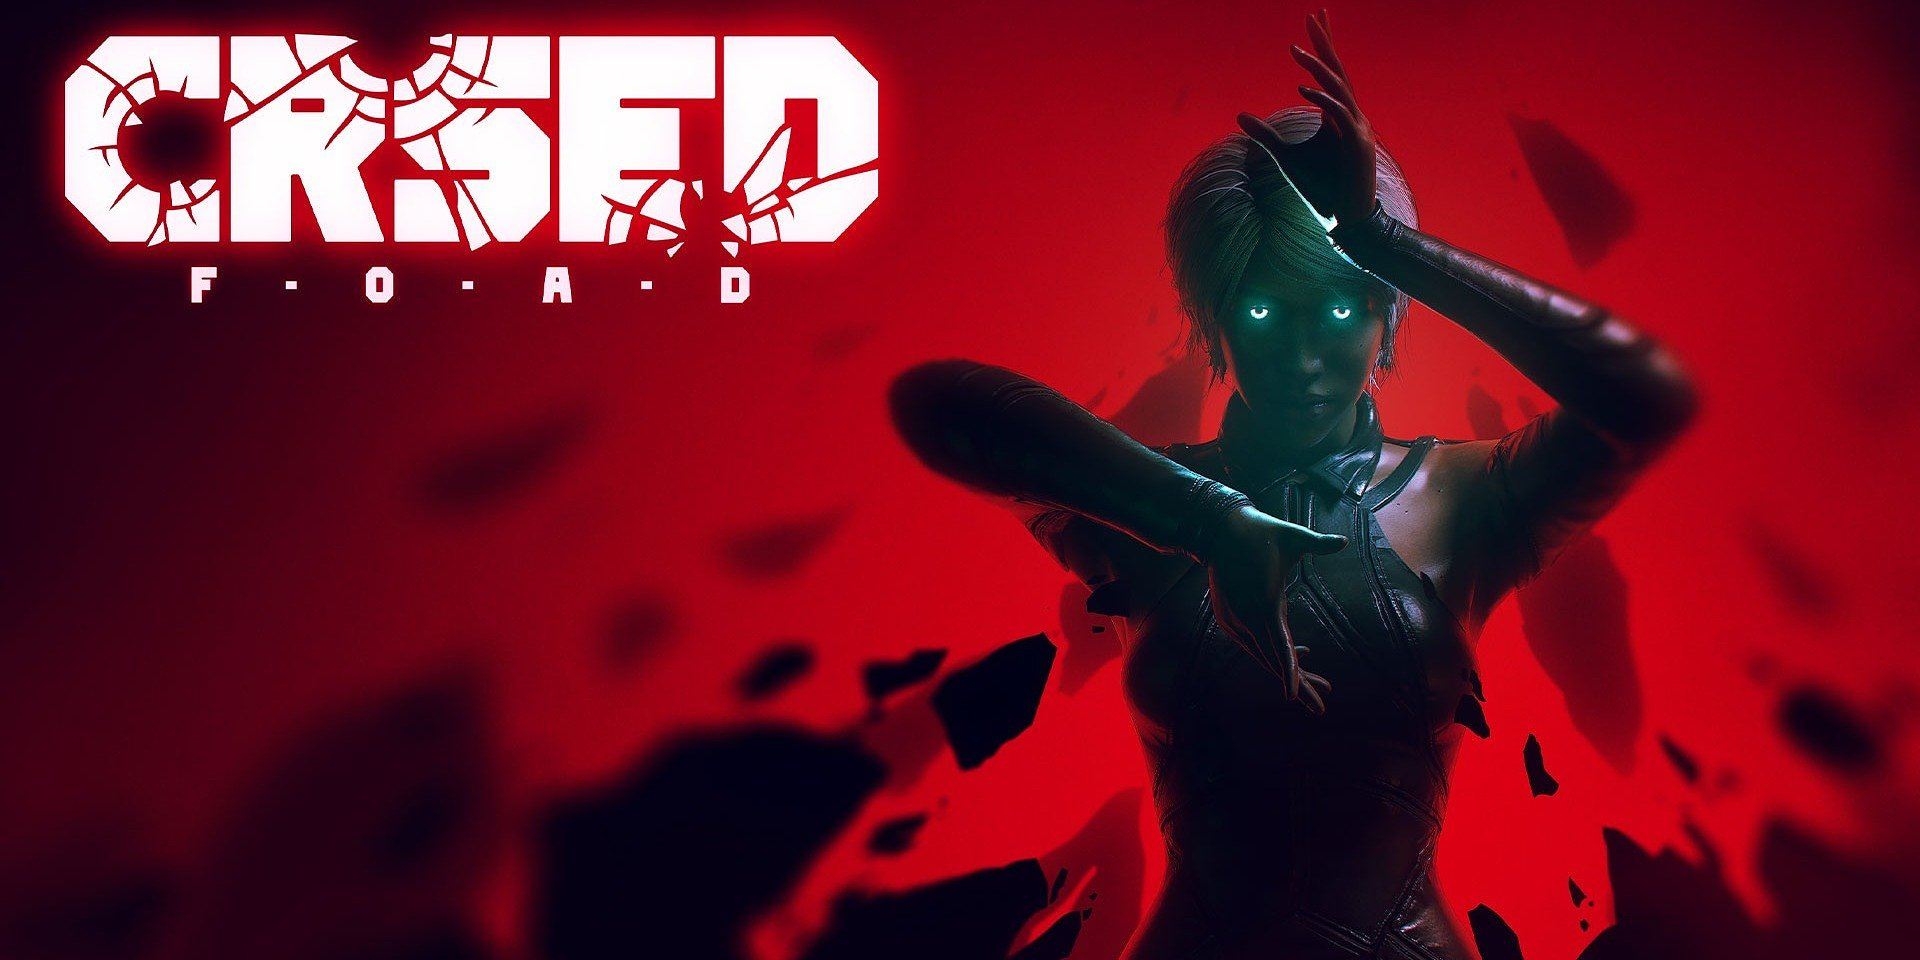 CRSED: F.O.A.D. játékosok sziklarepülést és gyilkos szellemek felbukkanását okozhatják